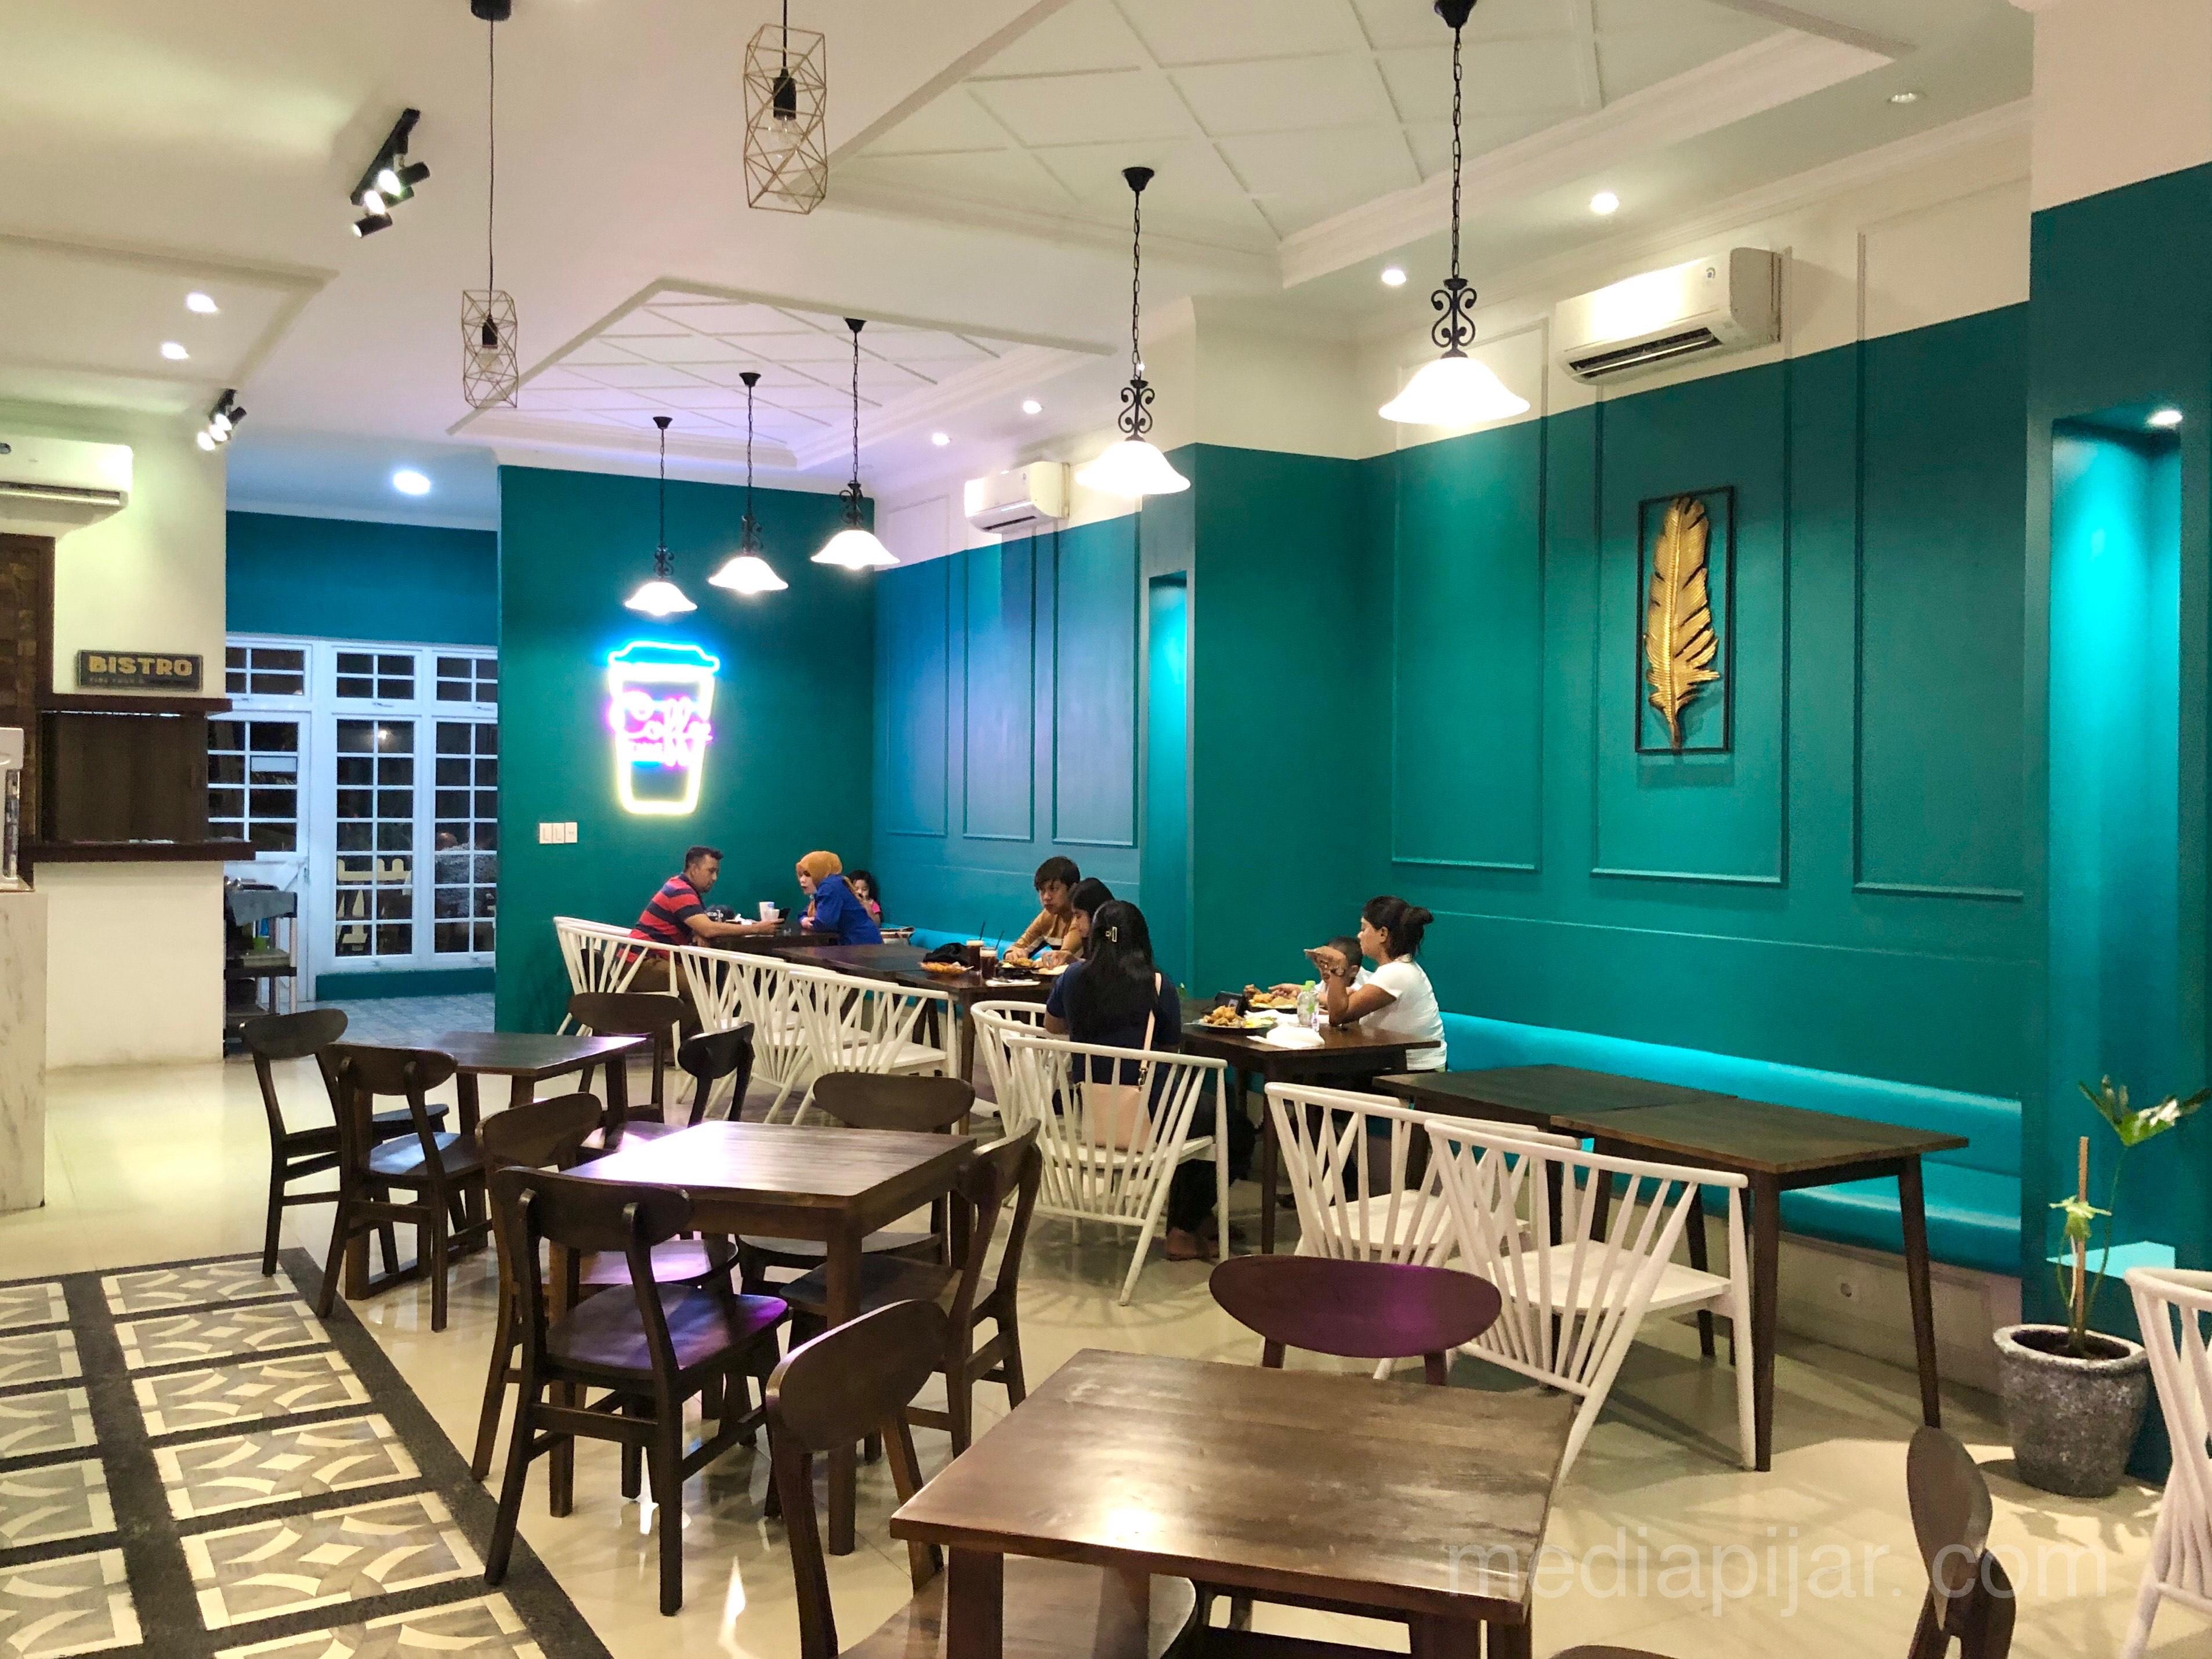 Suasana minimalis dan modern di Eats & Treats Barista membuat pengunjung merasa nyaman. (25/6) Fotografer: Frans Dicky Naibaho